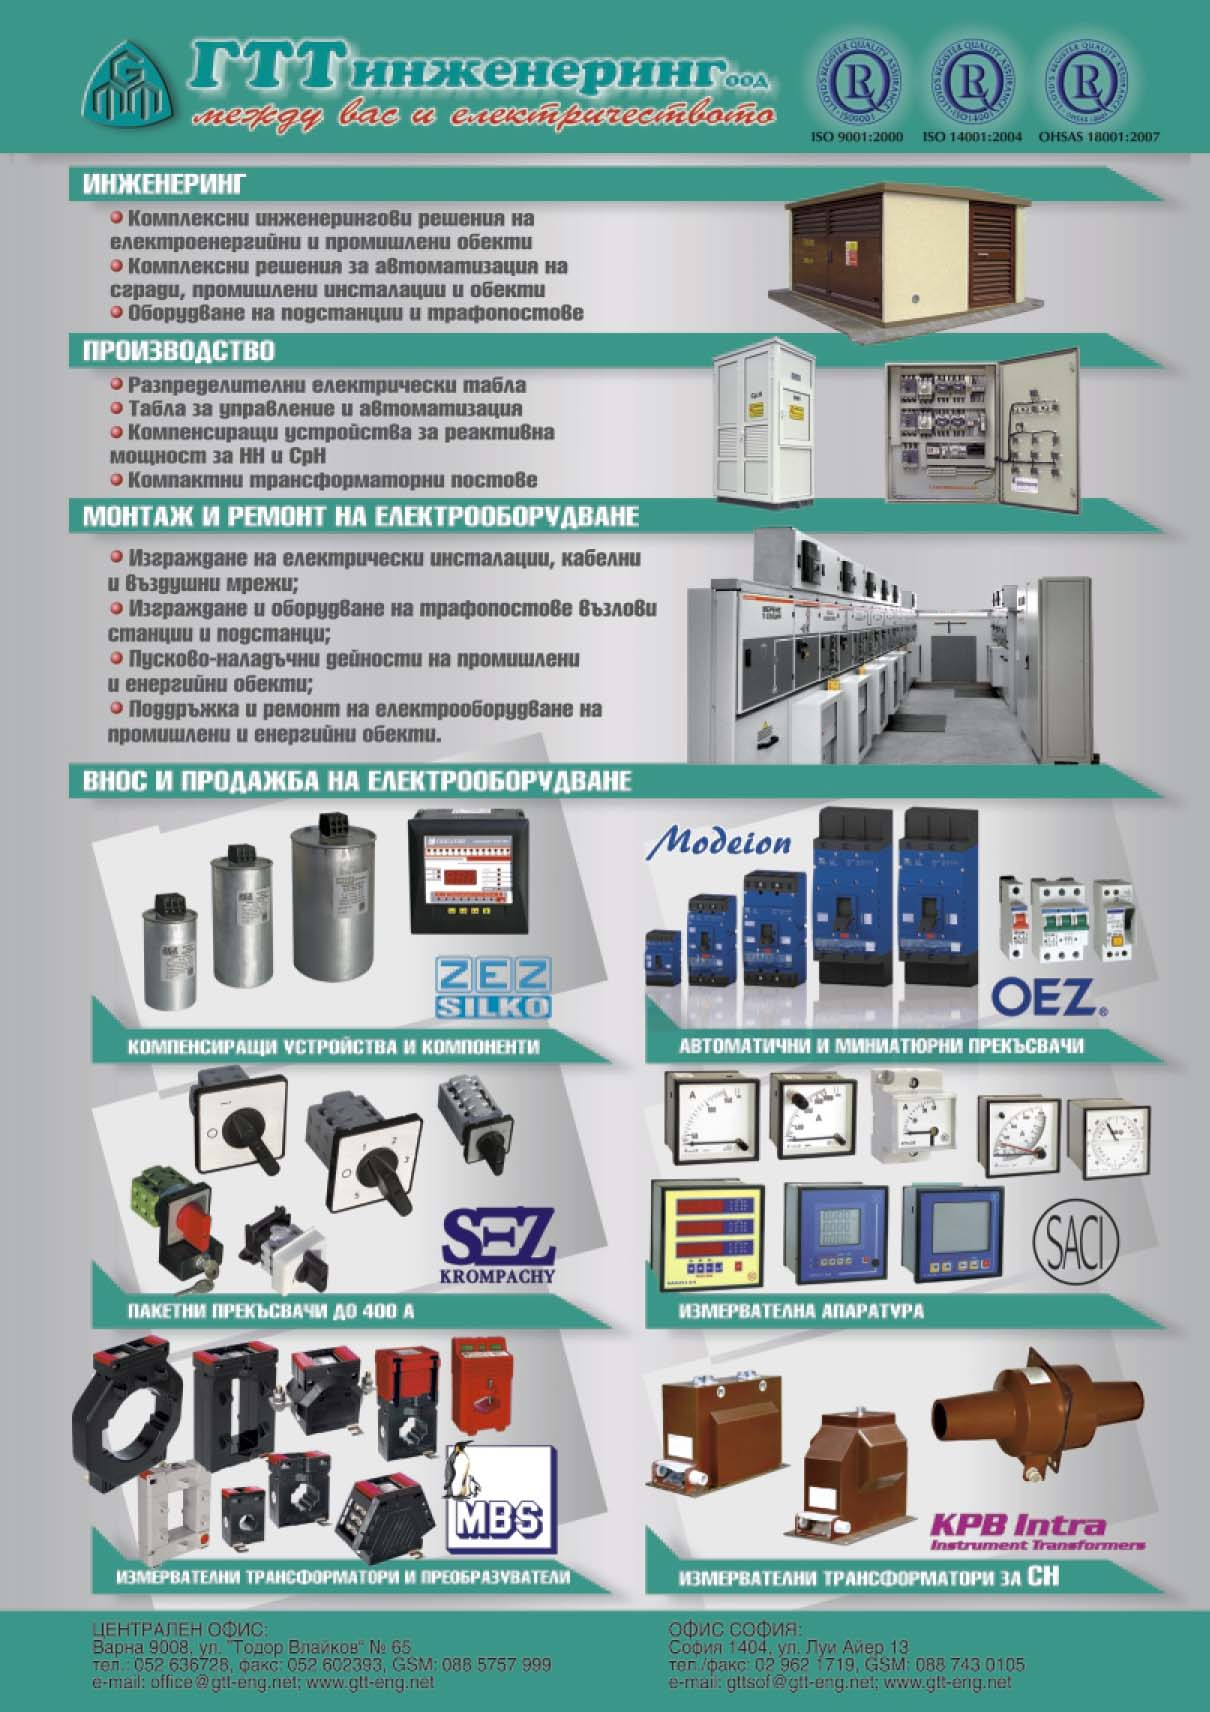 ГТТ Инженеринг